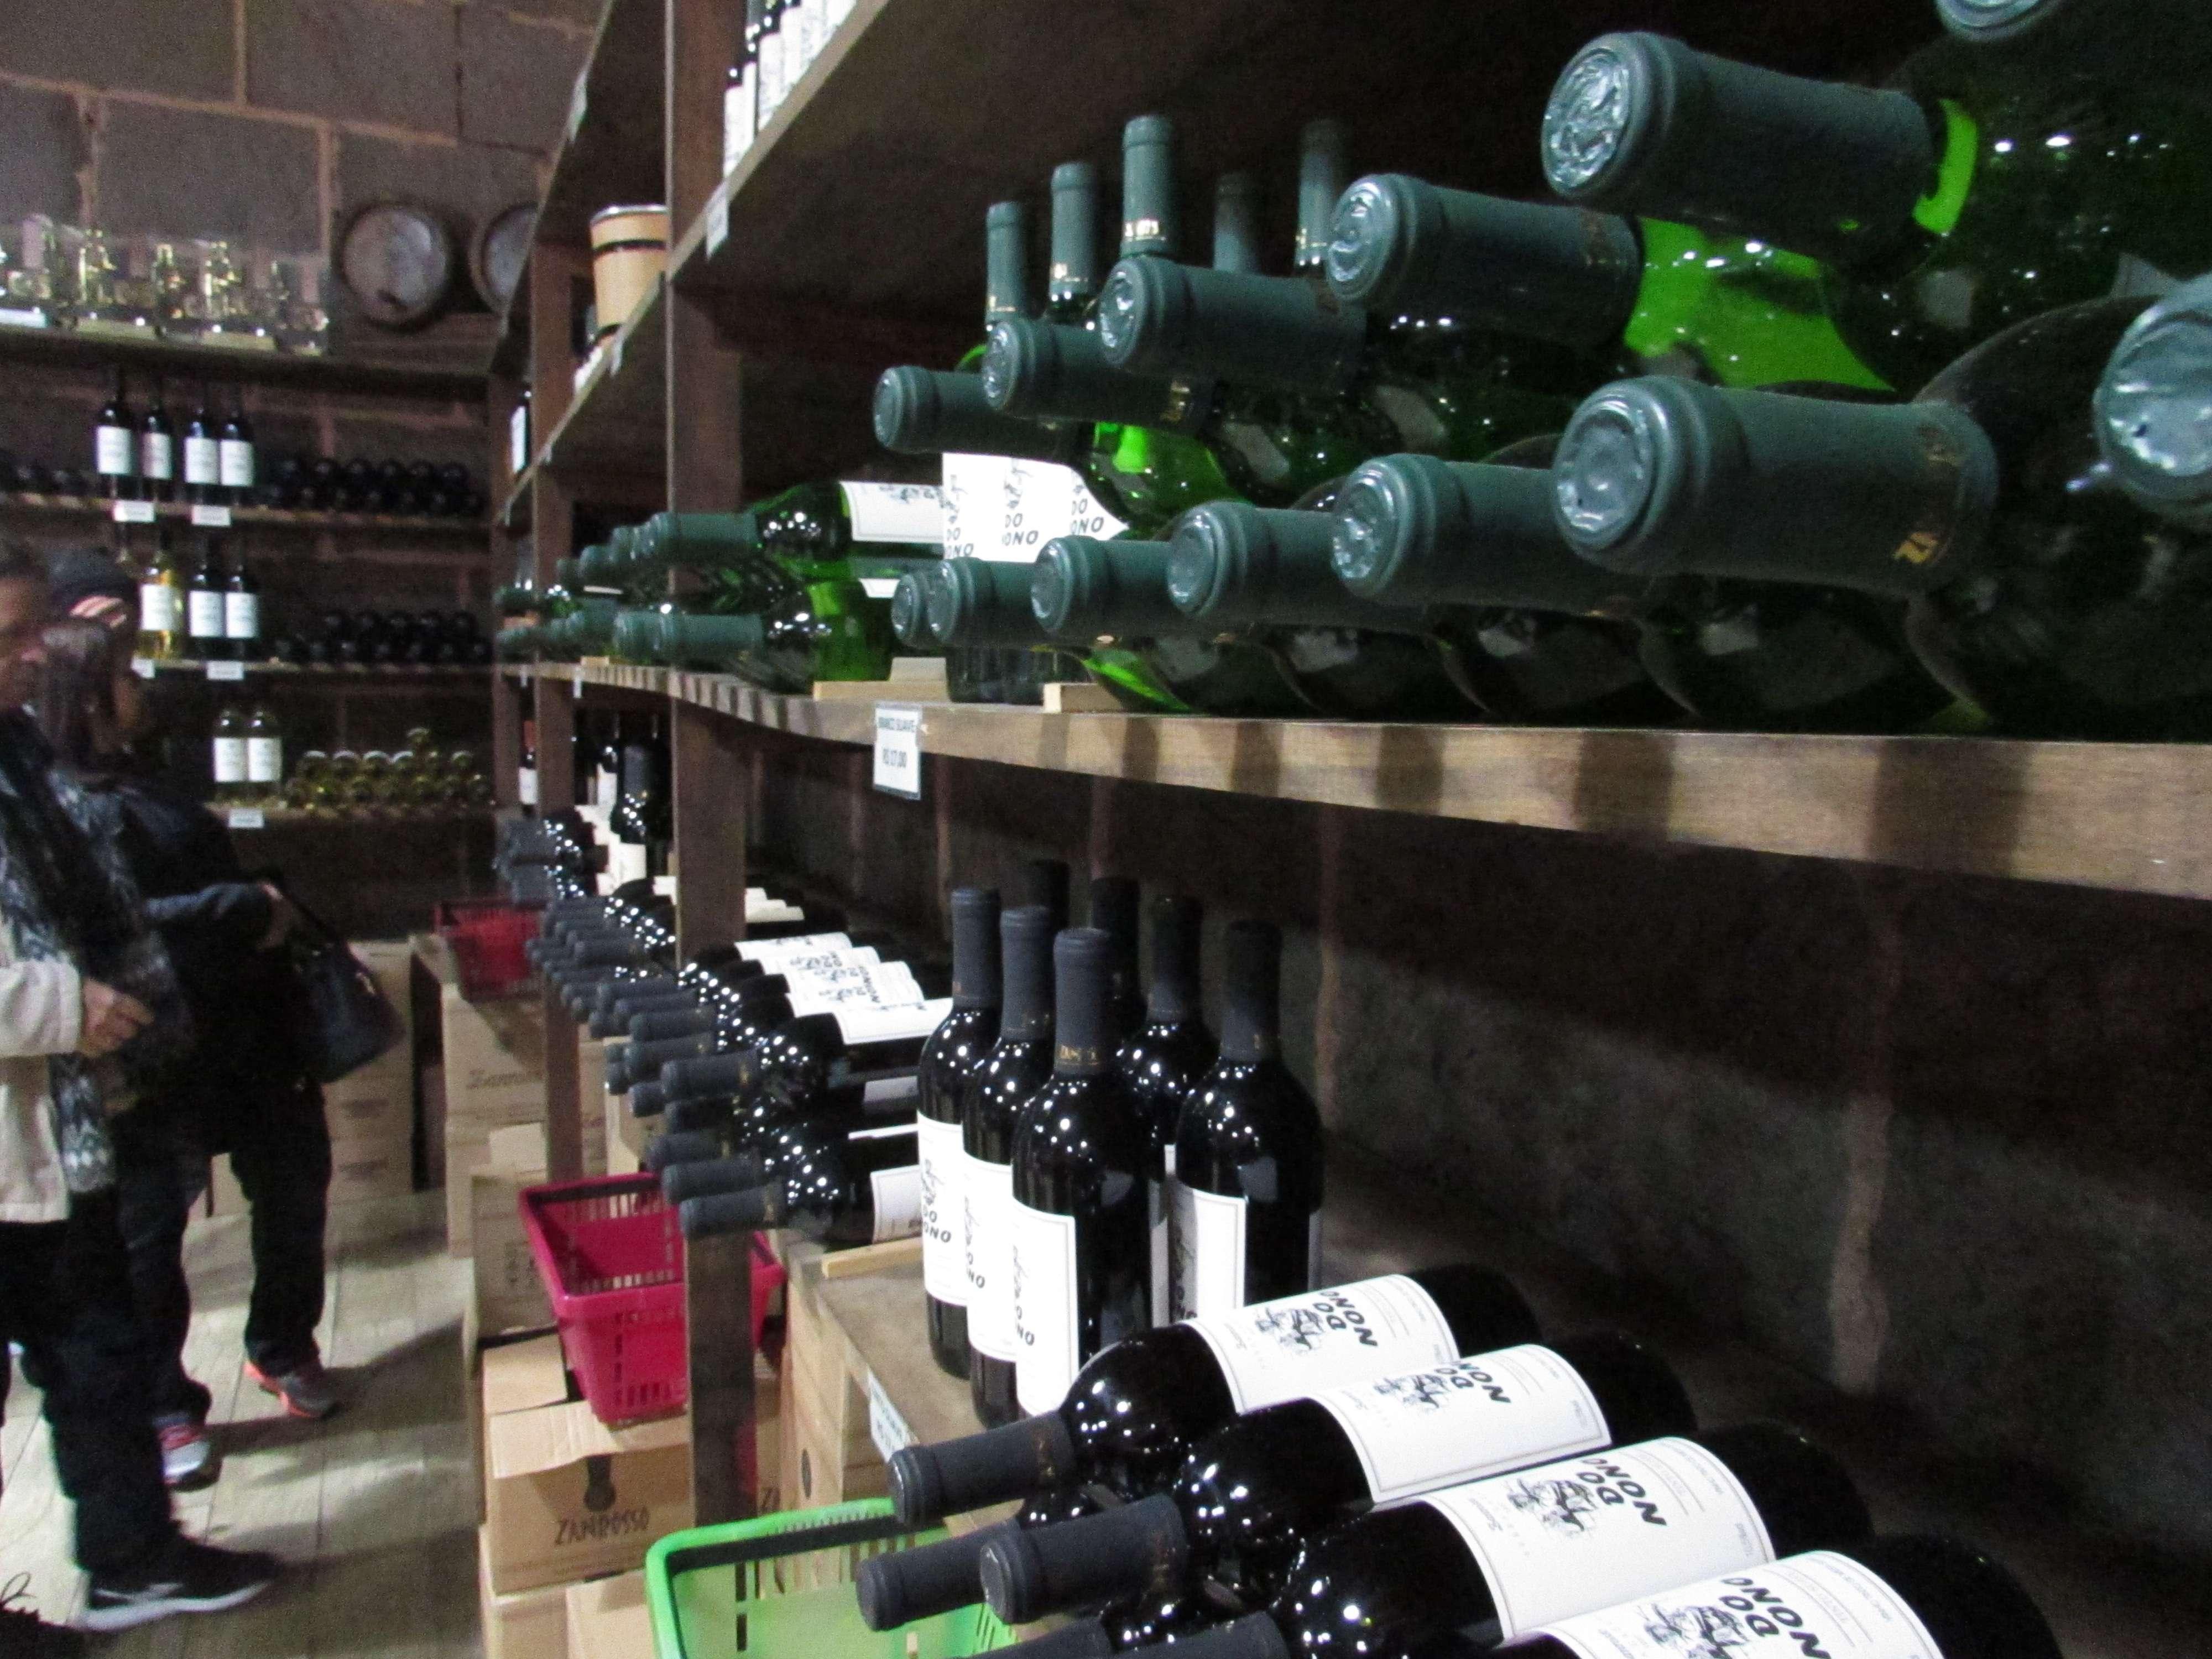 Vinícola Zanrosso - Vinhos Granja do Vale em Gramado e Canela | Shareeat